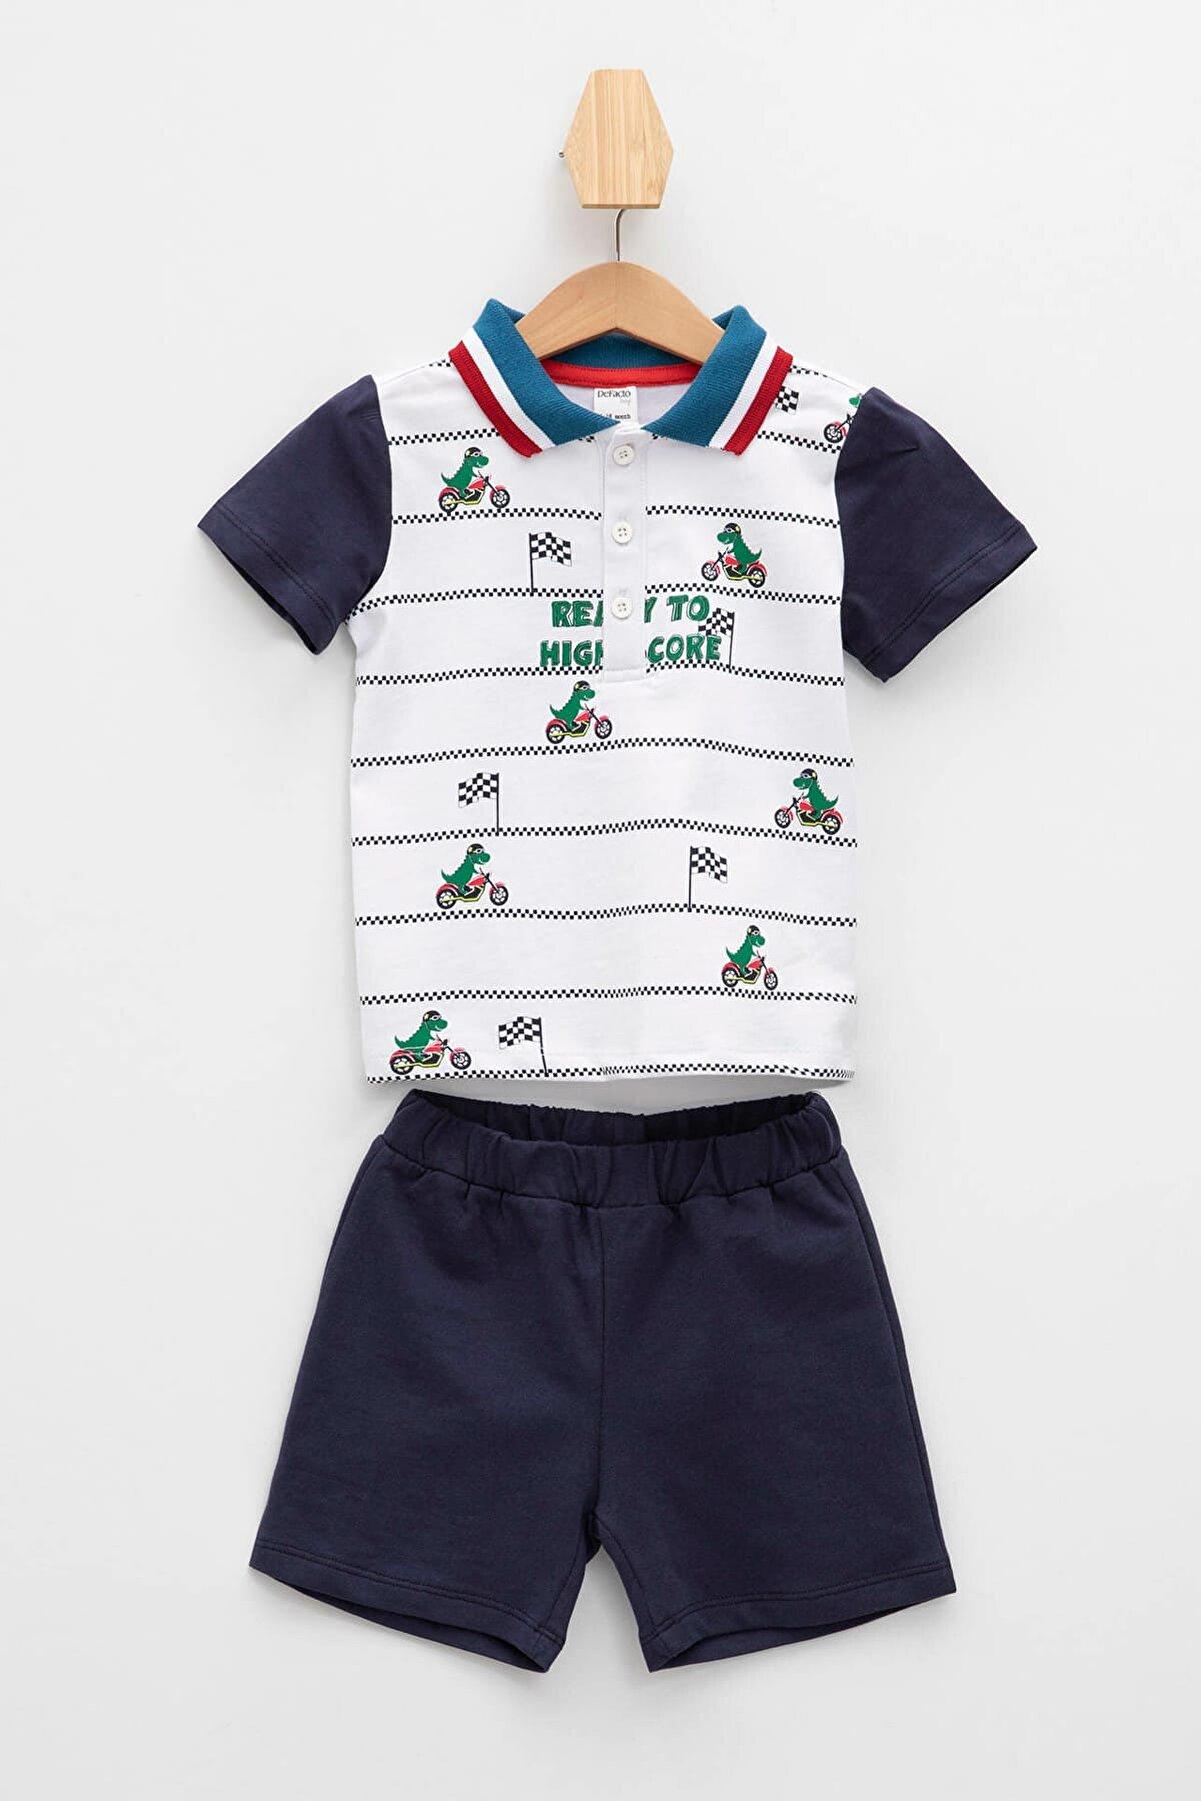 Defacto Erkek Bebek Baskılı Kısa Kollu Polo Tişört Ve Şort Takımı